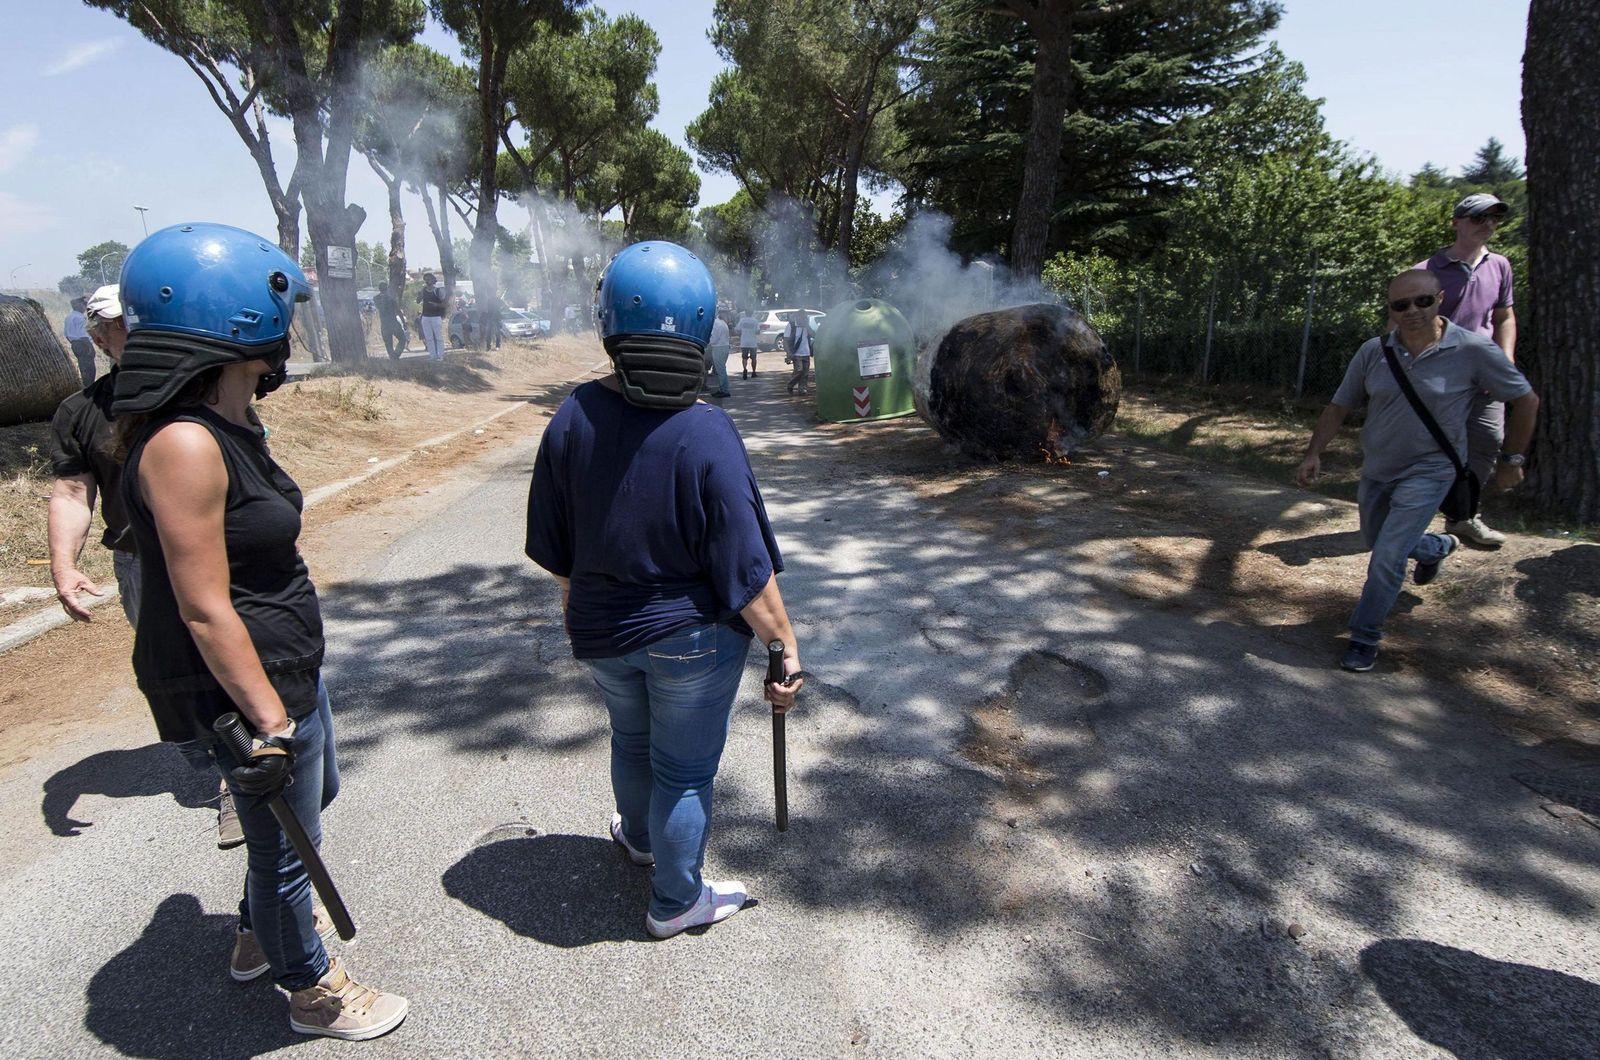 Itailen/ Rom/ Proteste gegen Flüchtlinge